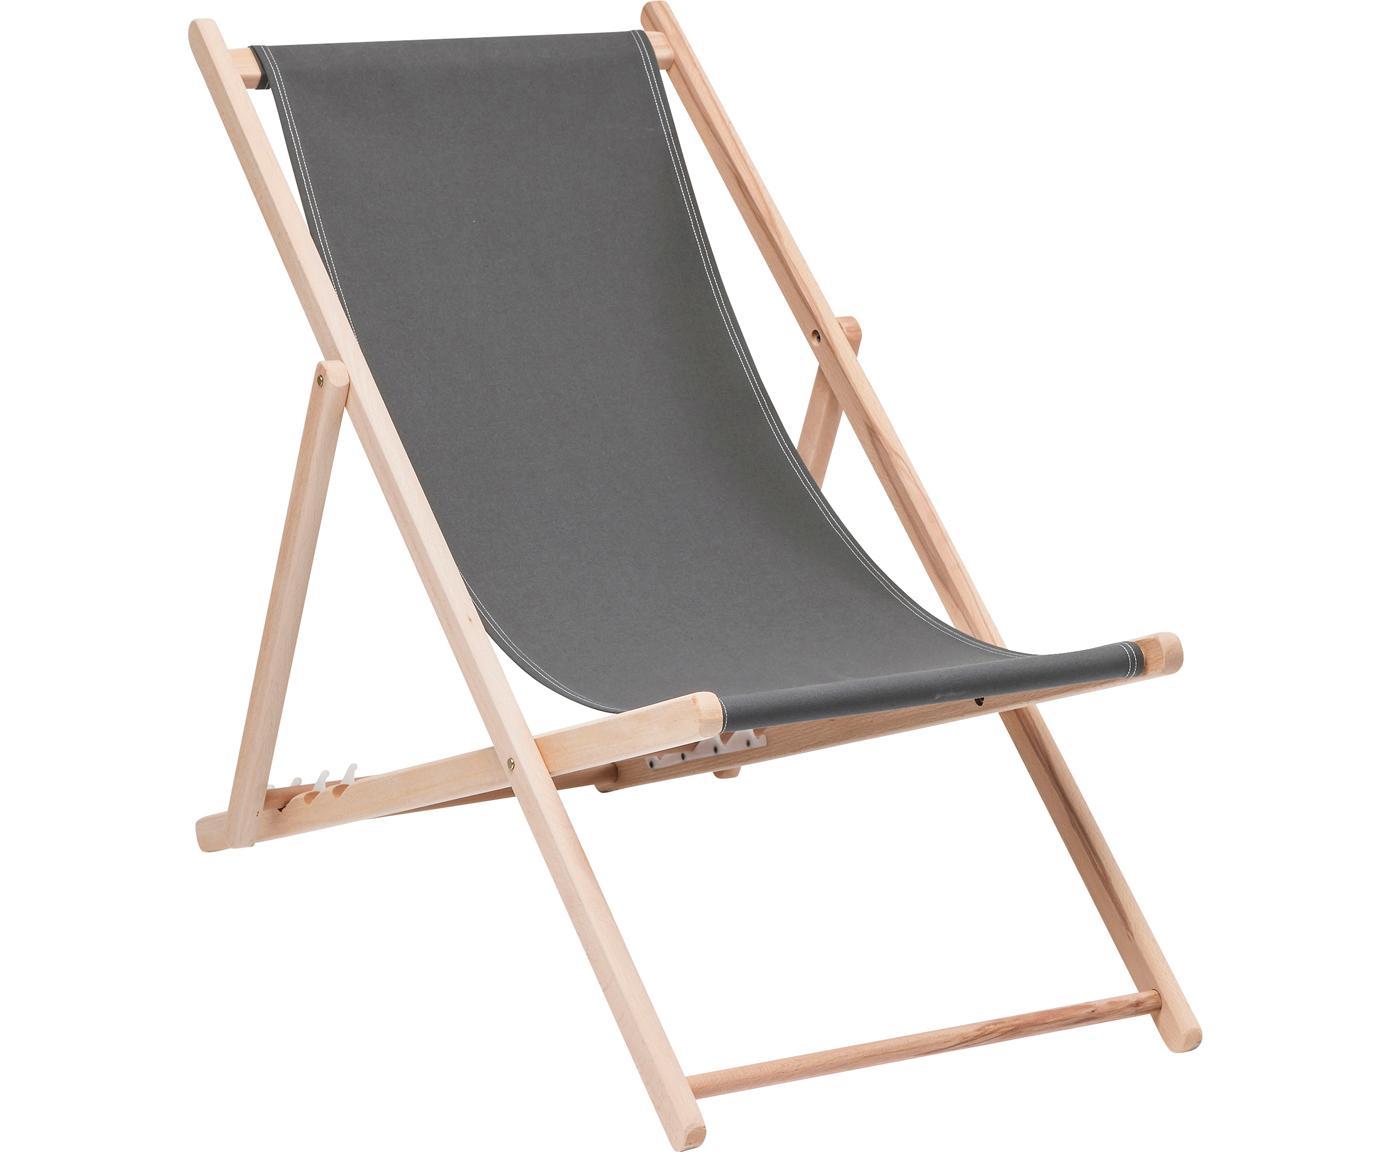 Sedia a sdraio pieghevole Hot Summer, Struttura: legno di faggio, Grigio, legno di faggio, Larg. 96 x Prof. 56 cm